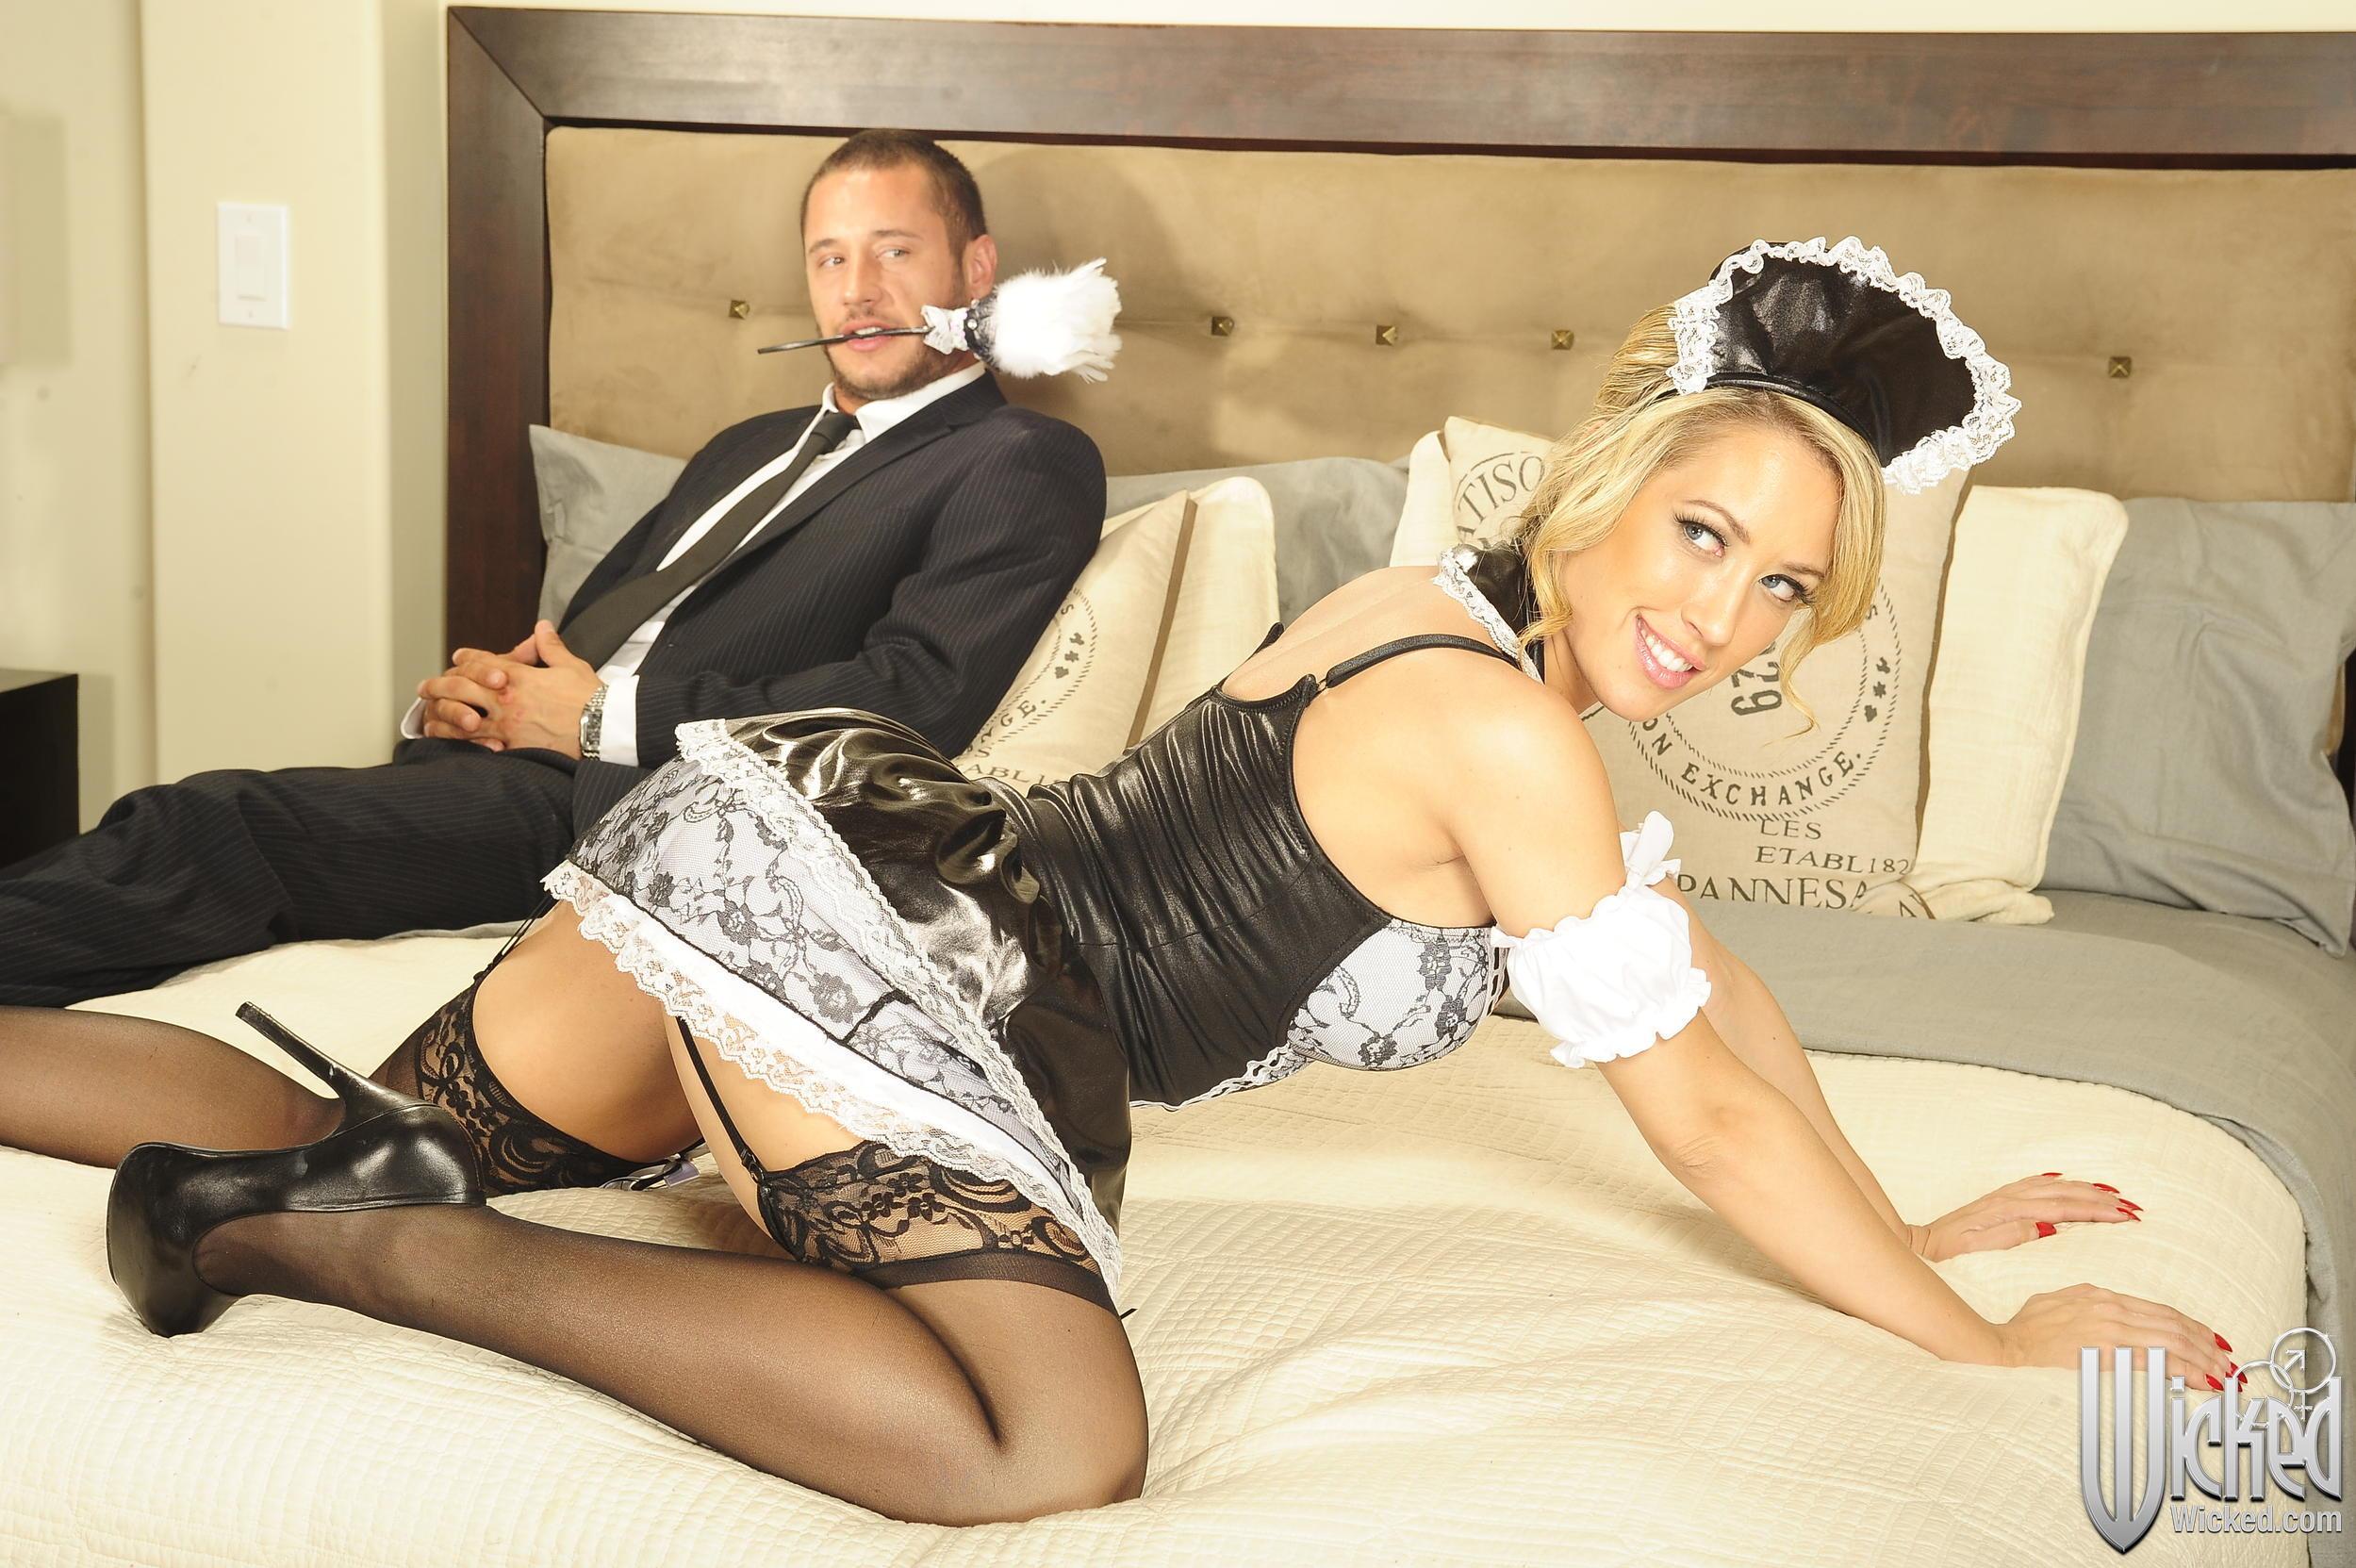 Эротическое приключения служанки, Порно служанки онлайн, горничные в униформе на 24 20 фотография